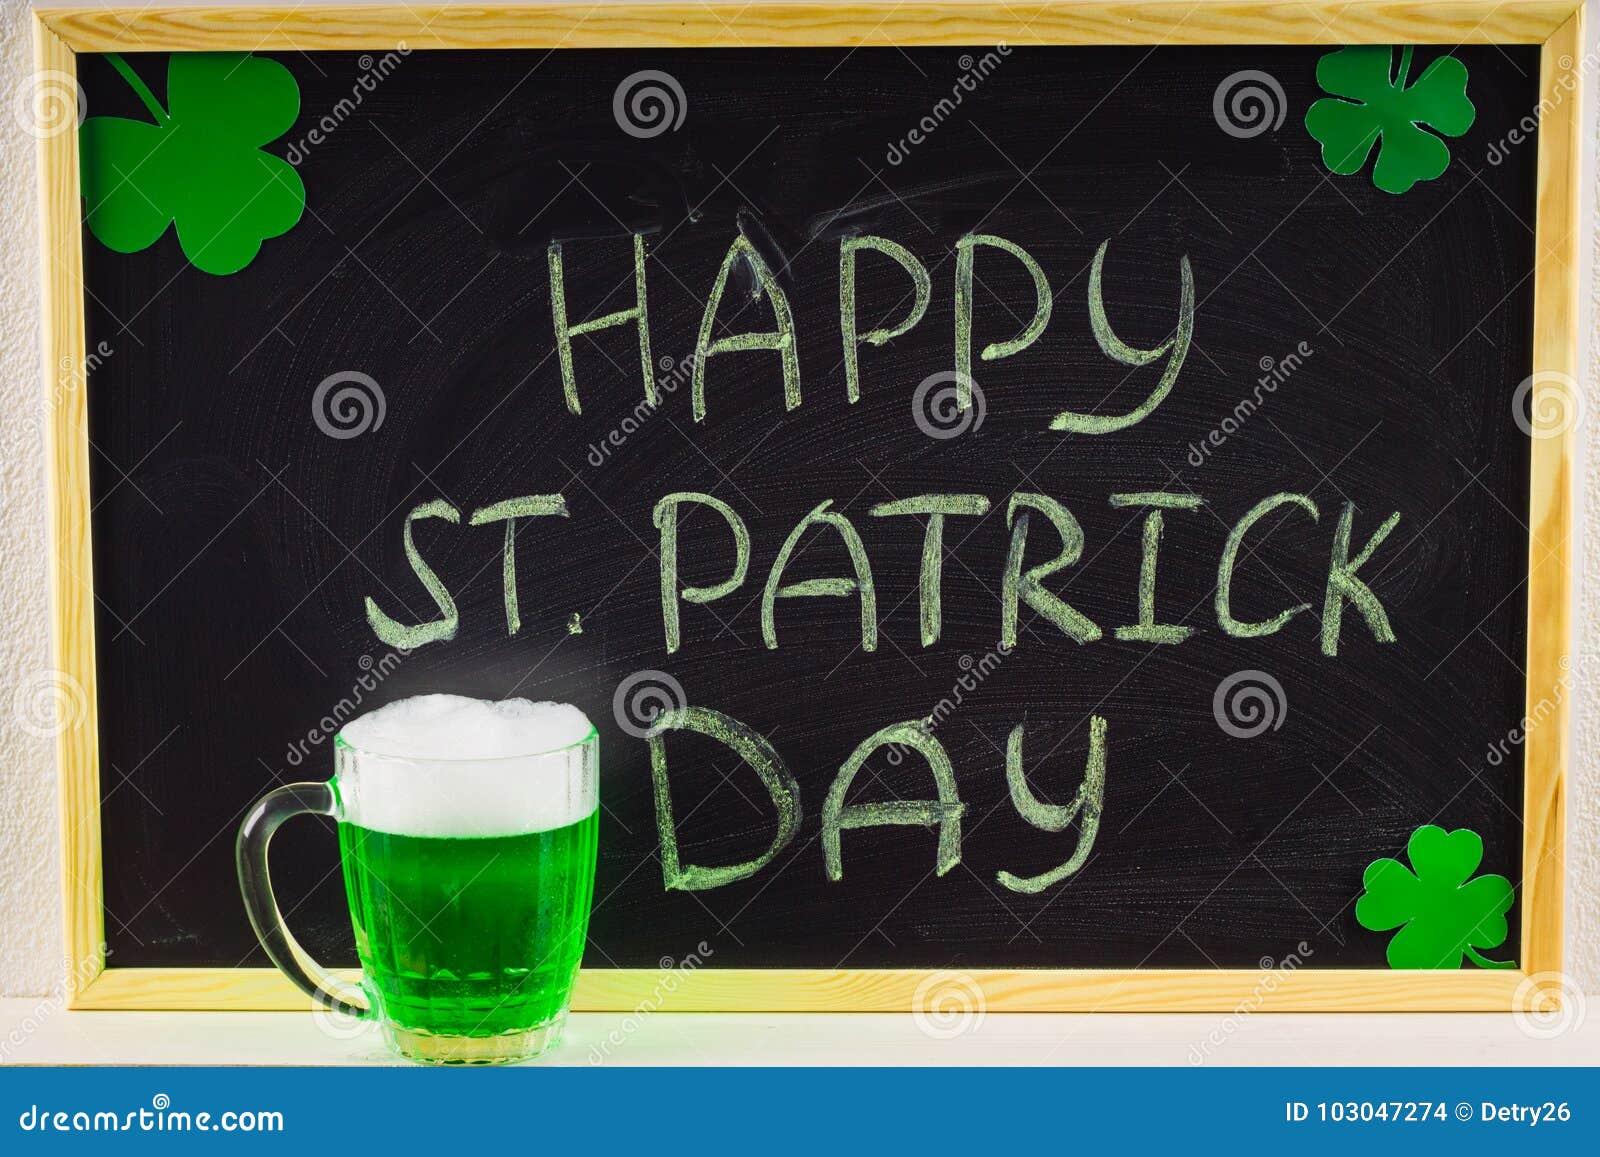 Надпись с зеленым мелом на доске: День счастливого St. Patrick листья клевера Кружка с зеленым пивом